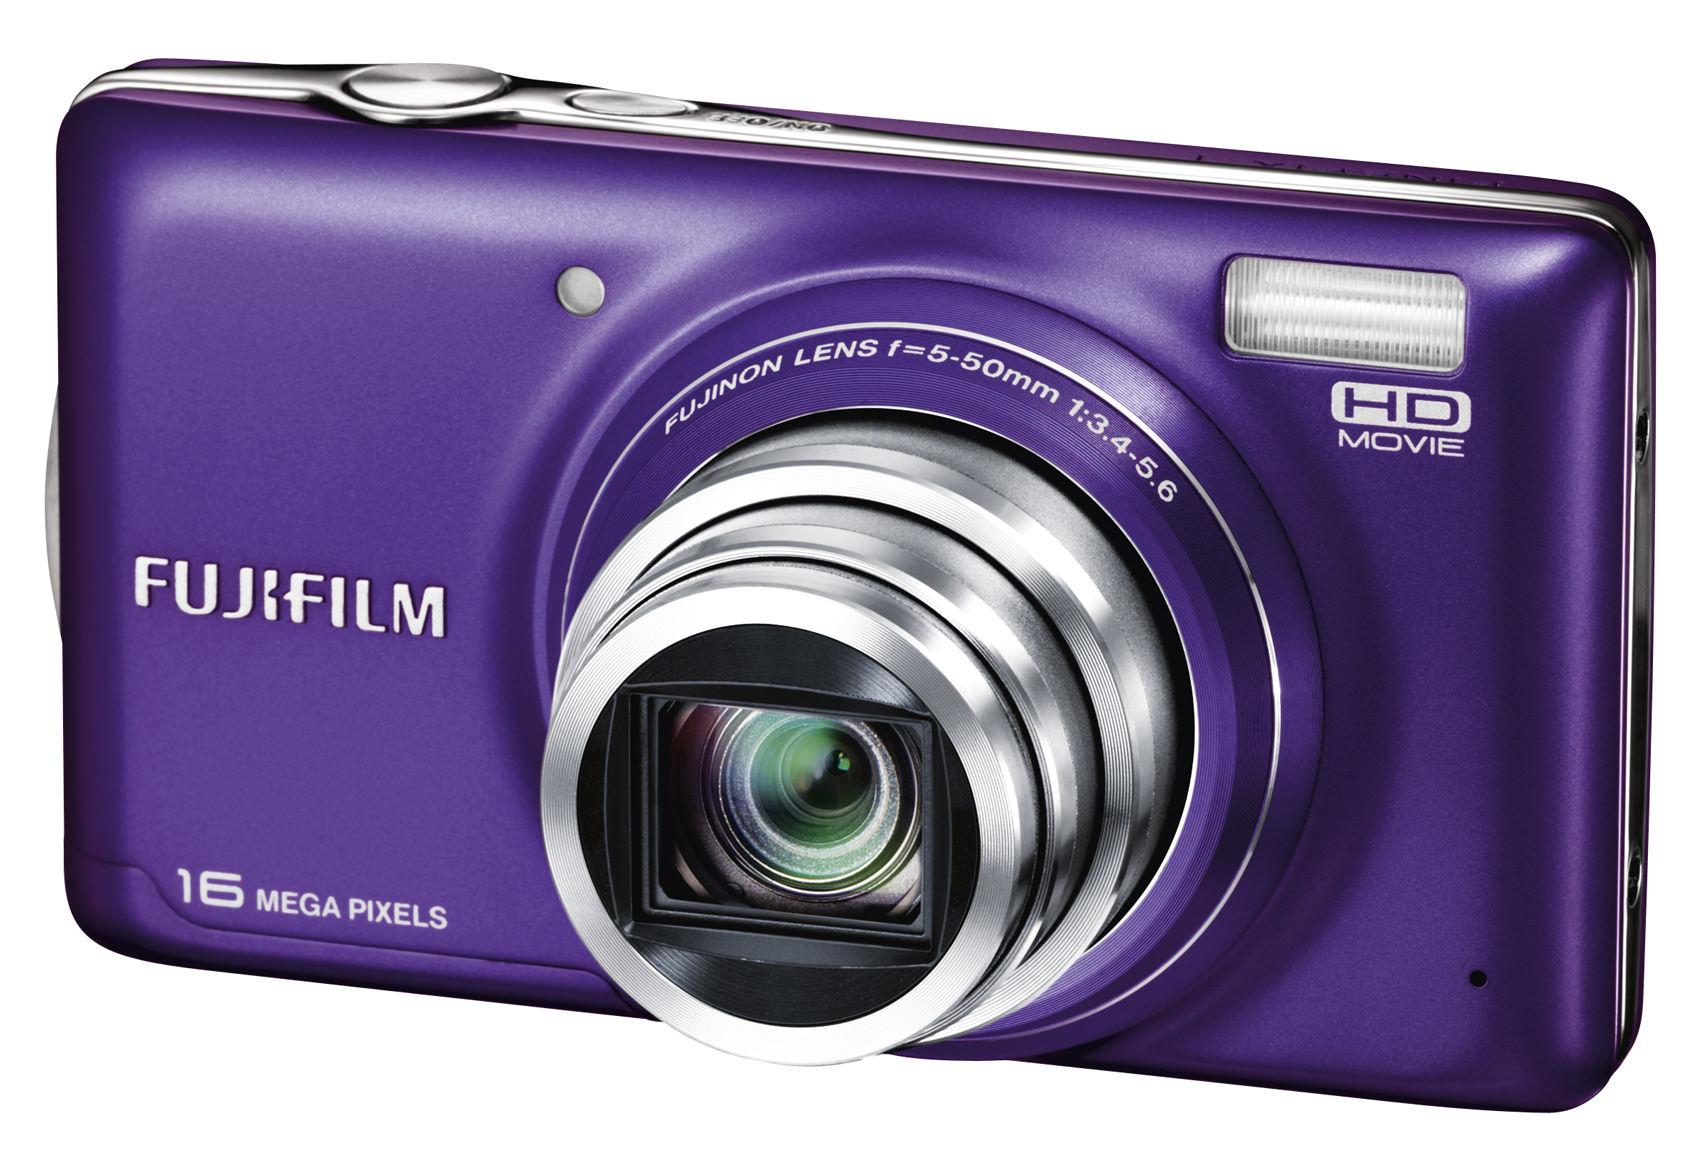 Fujifilm s4500 review uk dating